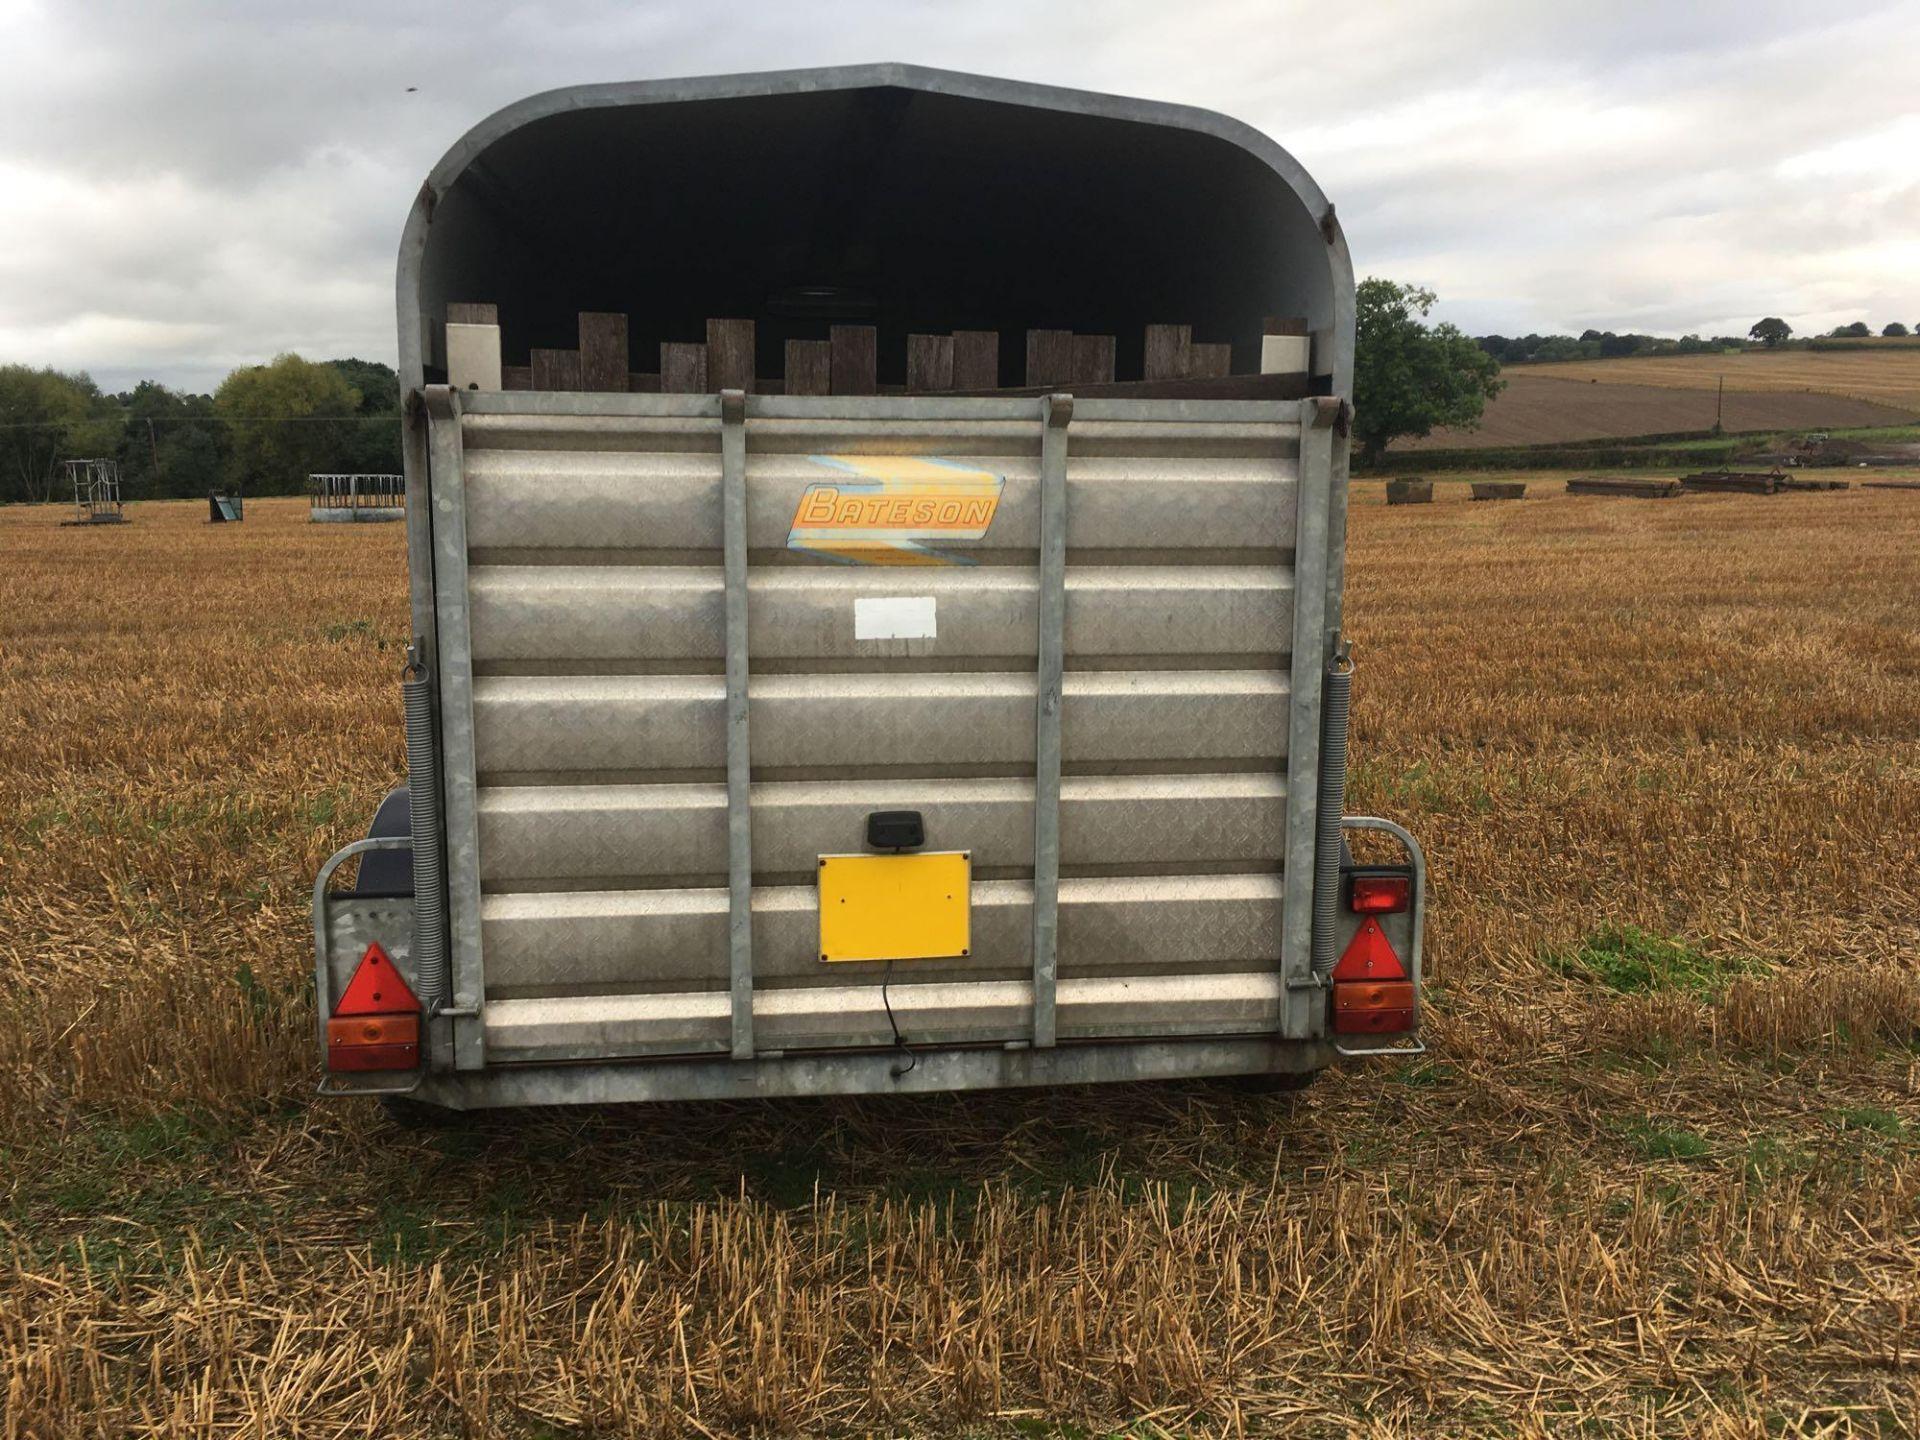 1996 Bateson Trailers 45LT twin axle livestock box, sprung rear door, side door, home made calf part - Image 6 of 14